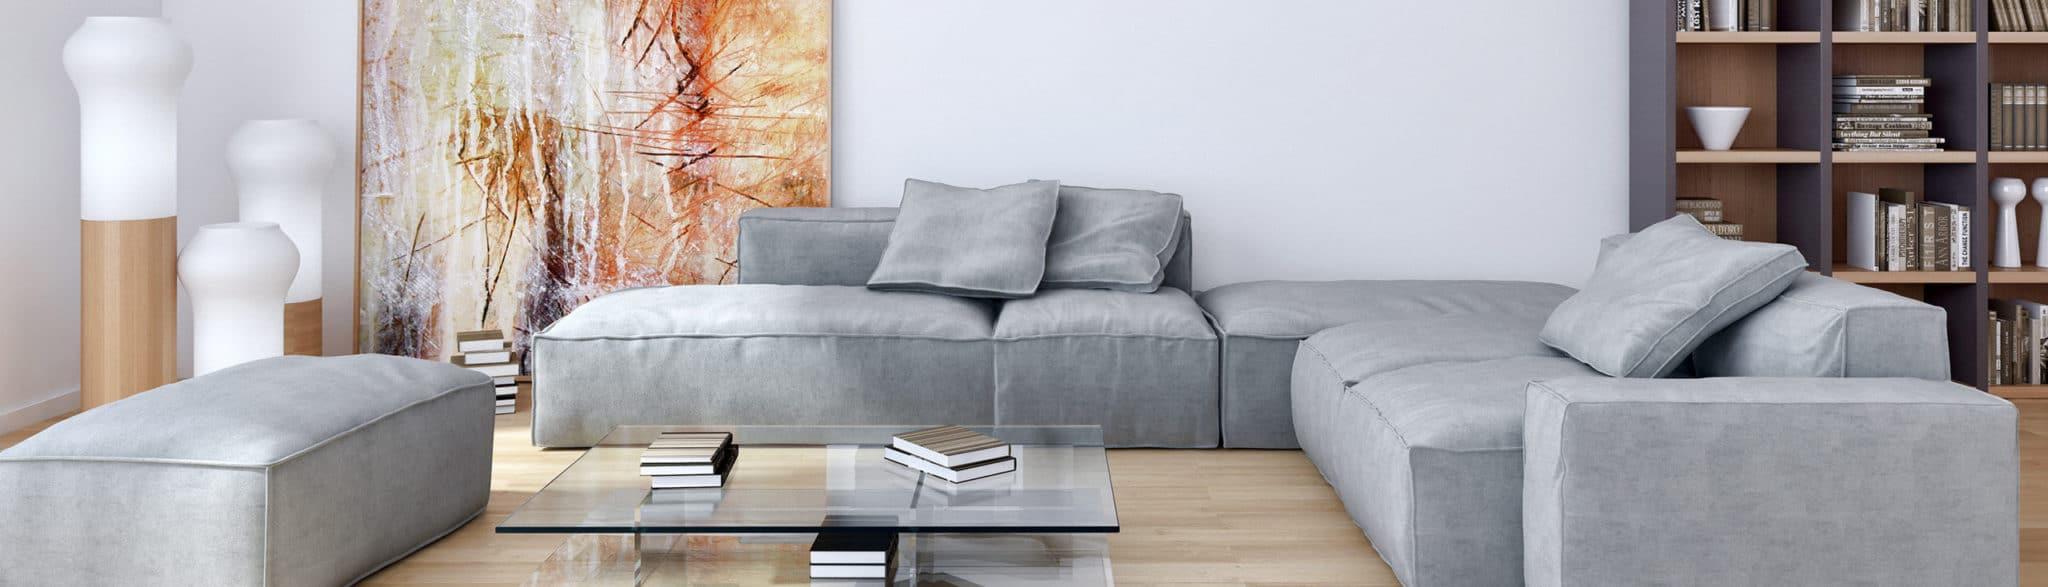 Salón con sofá gris y estantería - muebles de hogar en Madrid